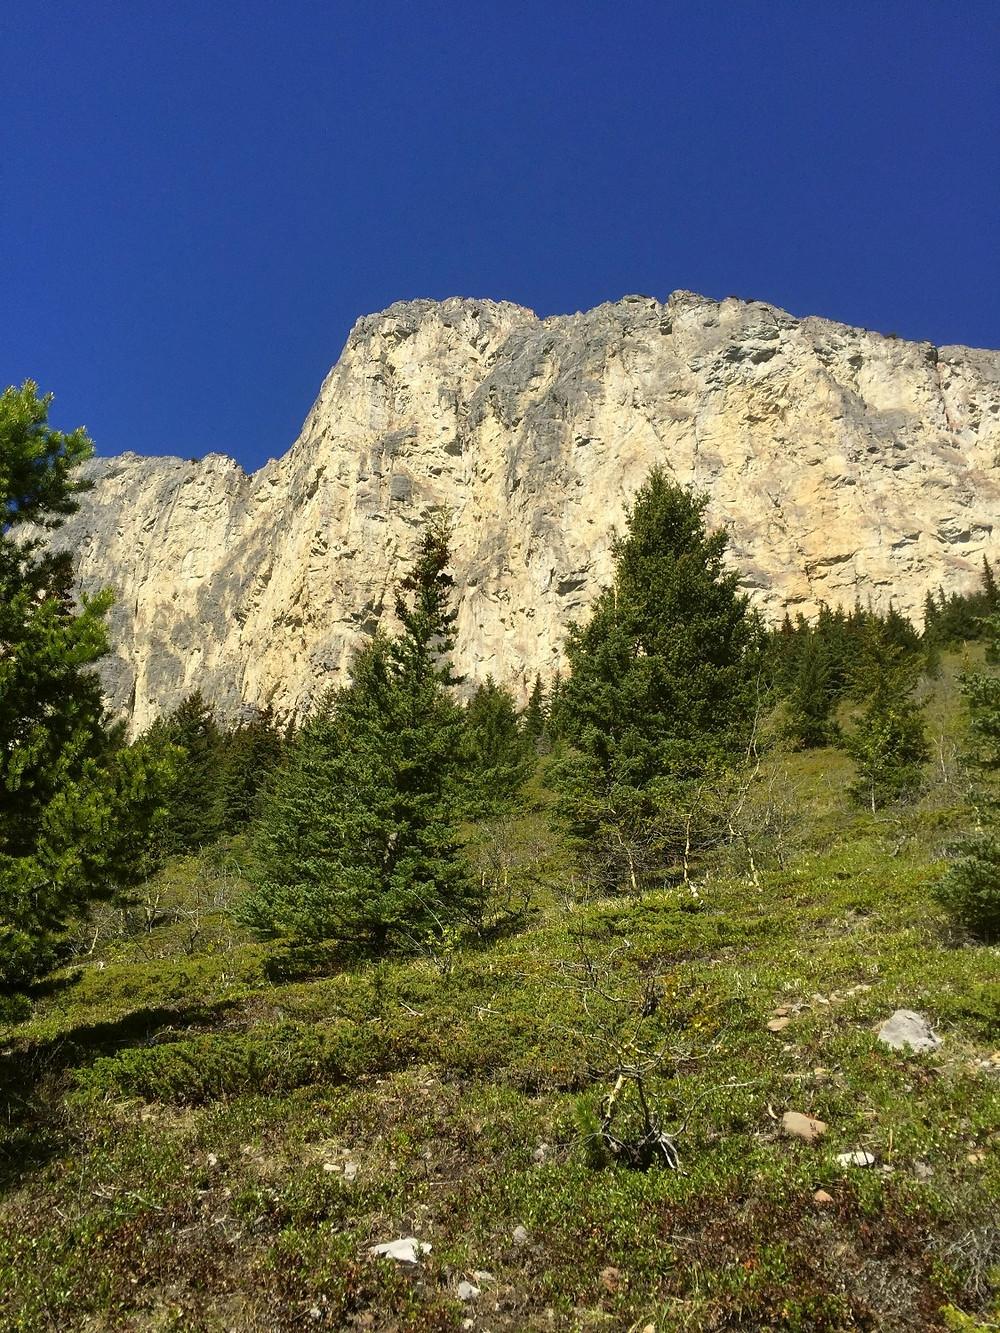 Gazing up at Mount Yamnuska